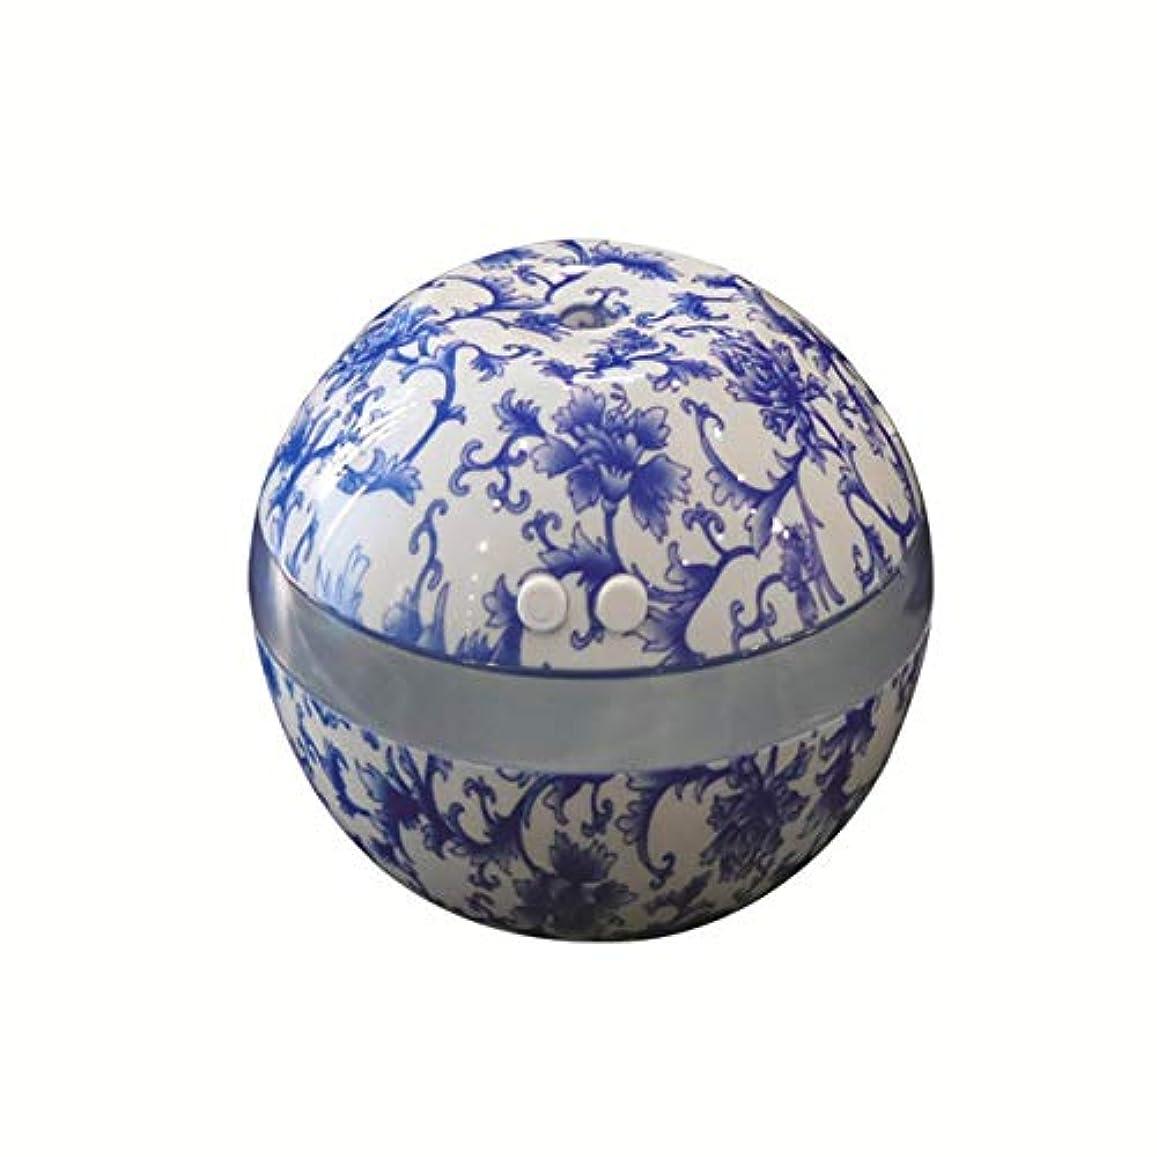 実証する枝一人でSaikogoods ブルー&ホワイトの磁器ホームオフィスSPAのための超音波加湿空気加湿器アロマエッセンシャルオイルディフューザーアロマセラピー 白青